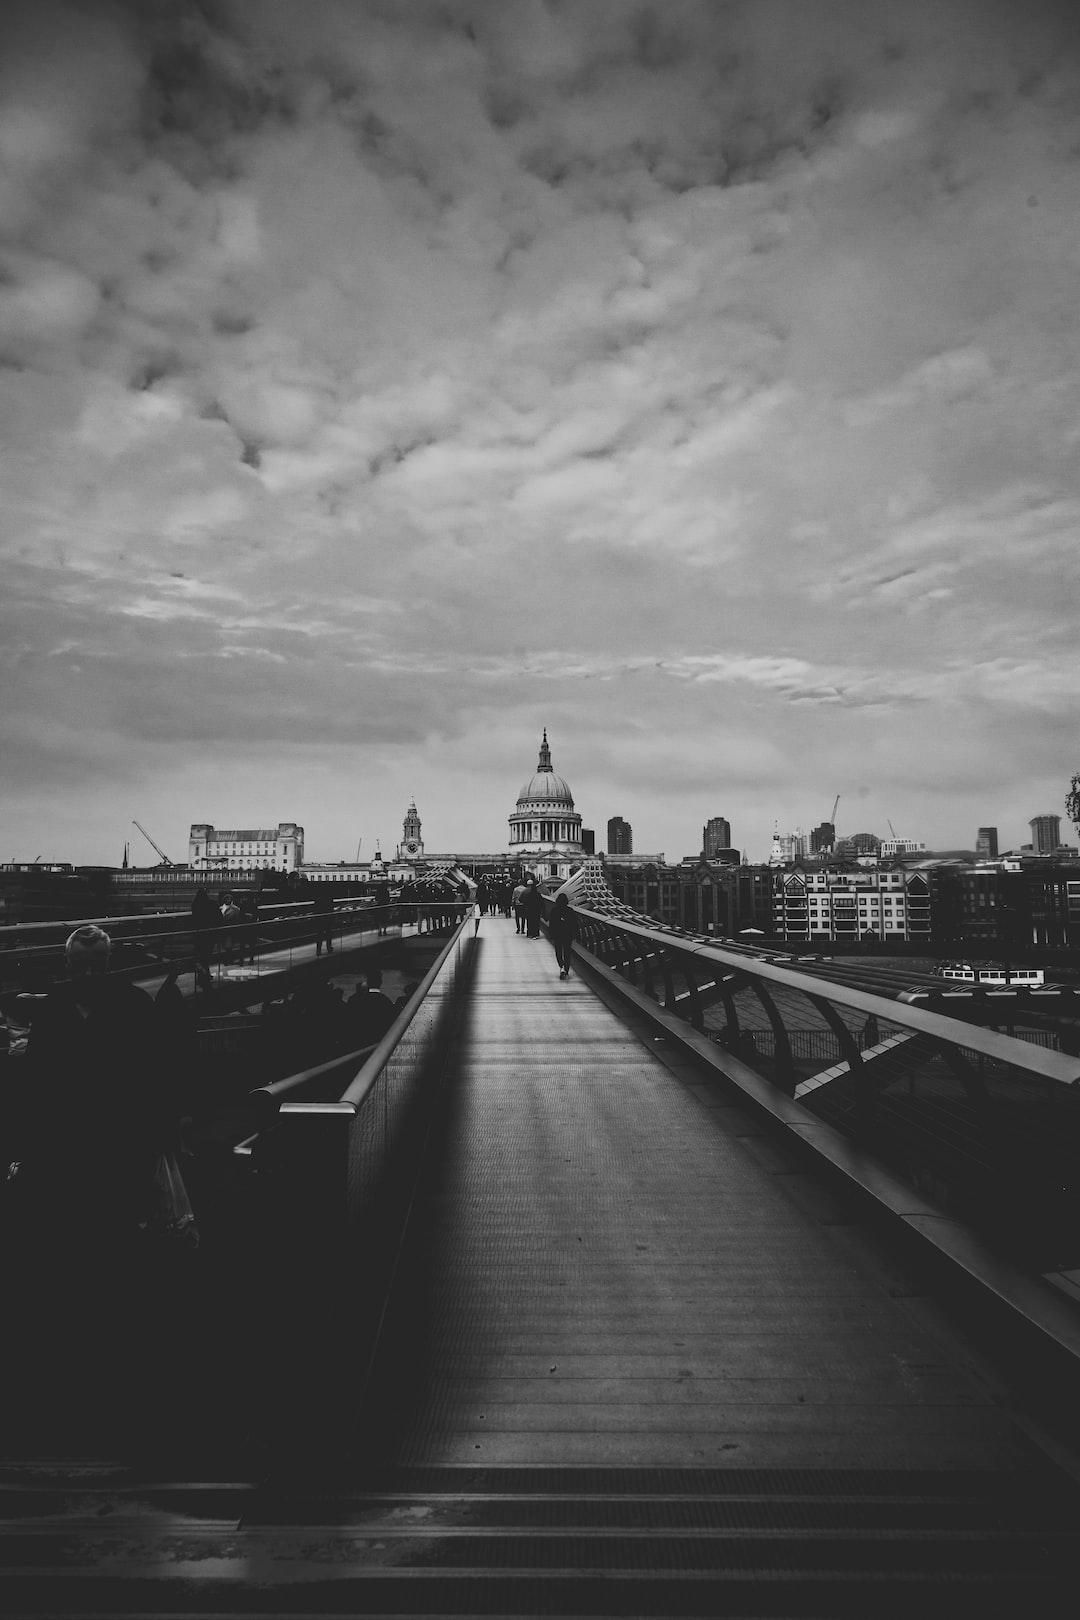 Vision of Millennium Bridge, London .